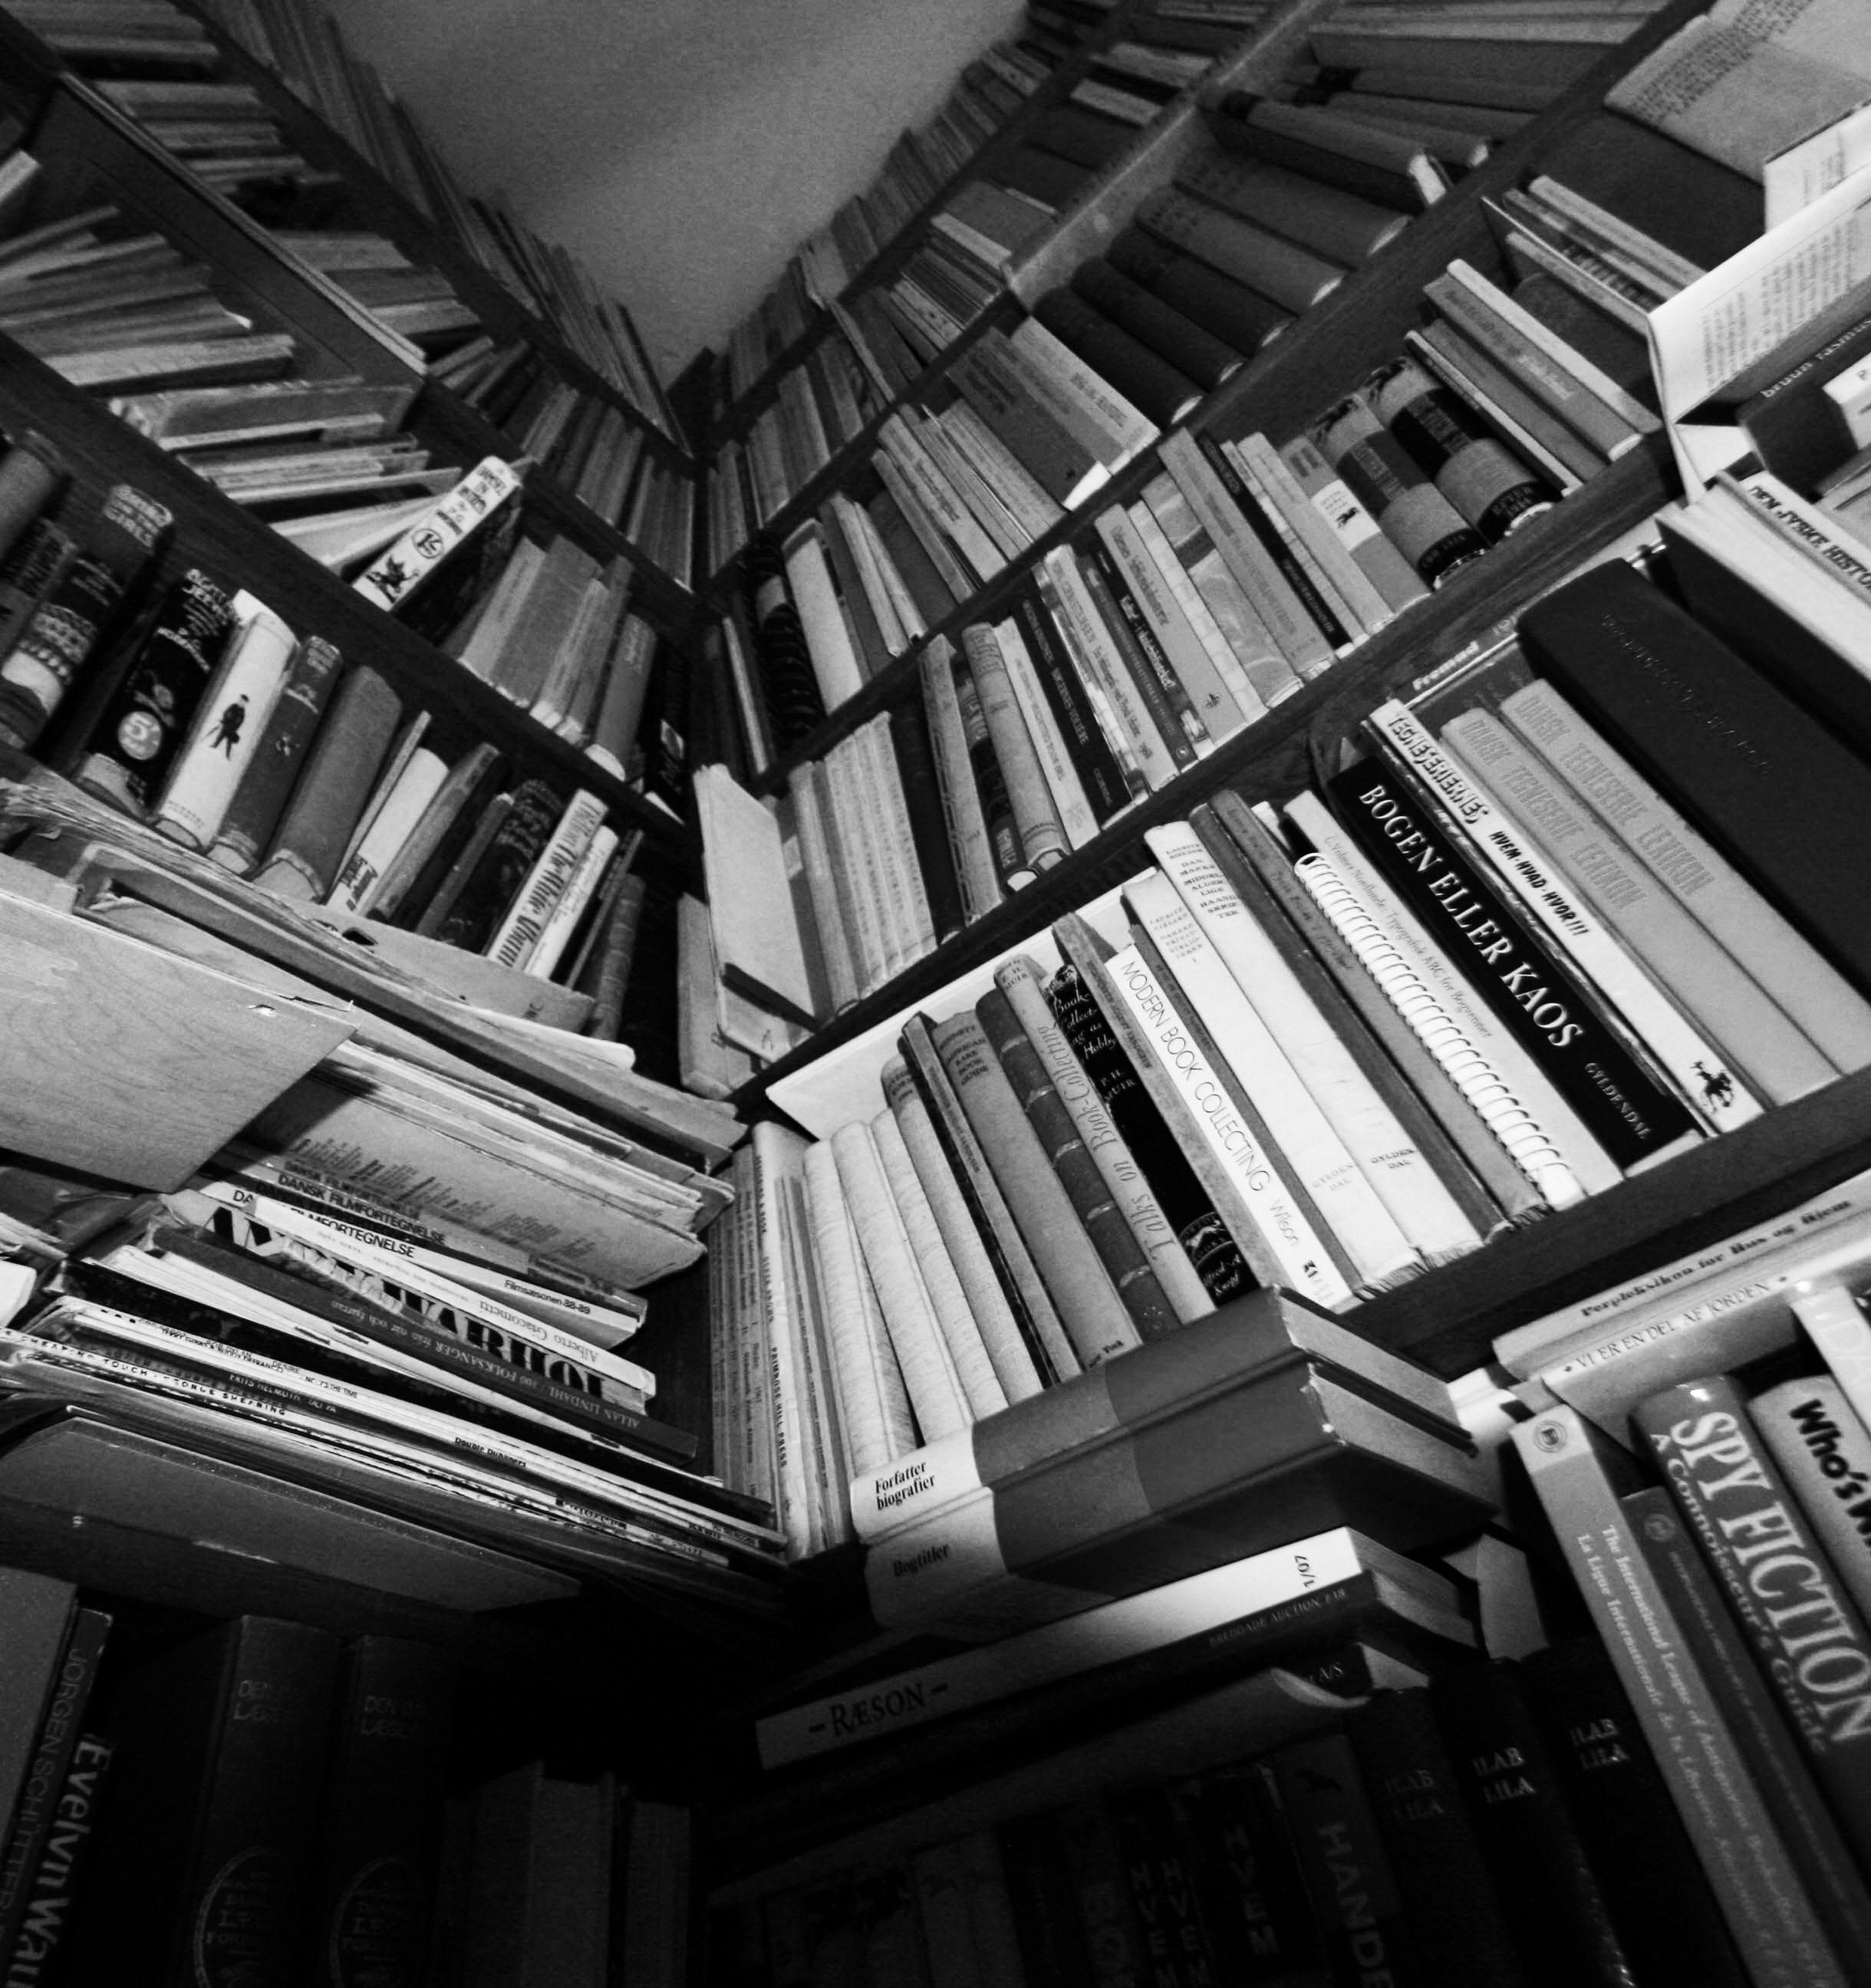 clemens håndbogsbiblioteket